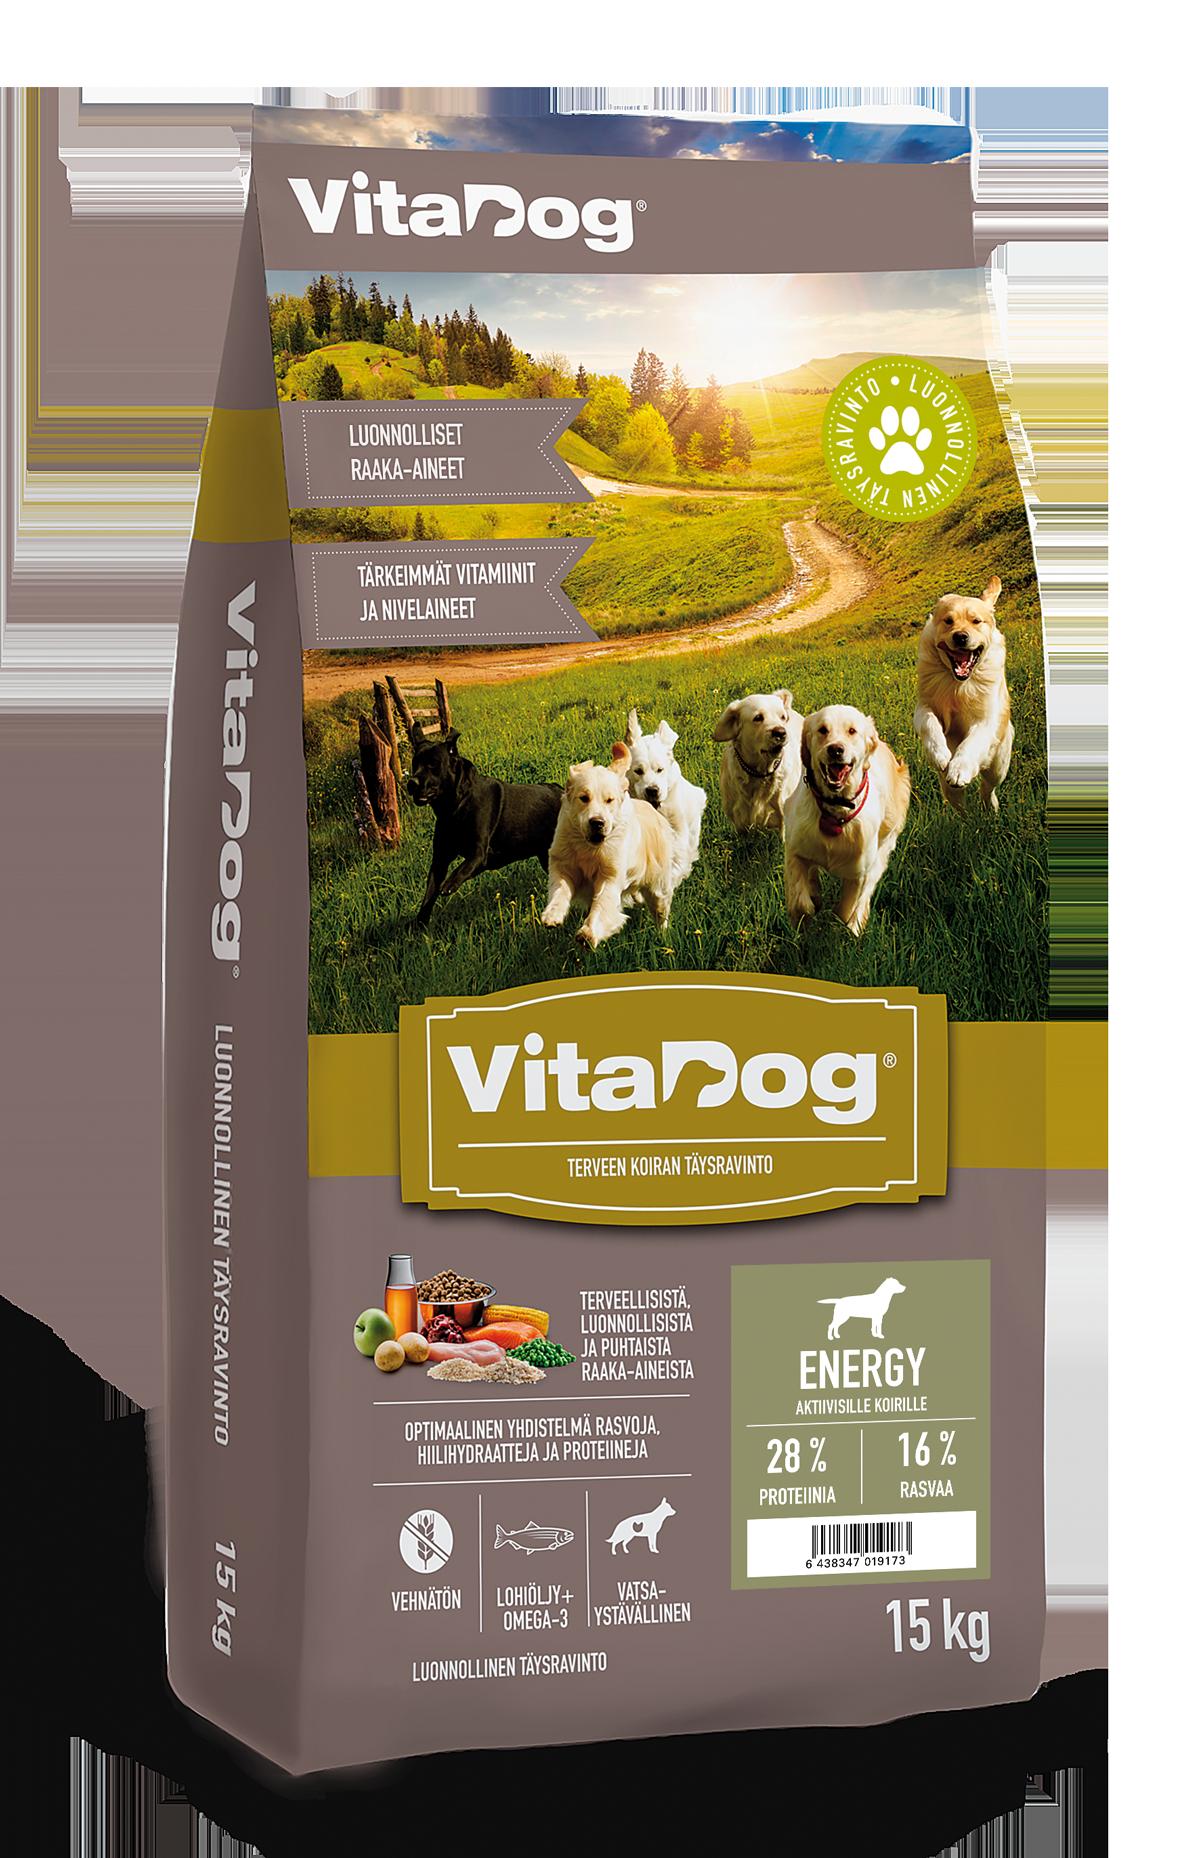 vitadog-energy.png